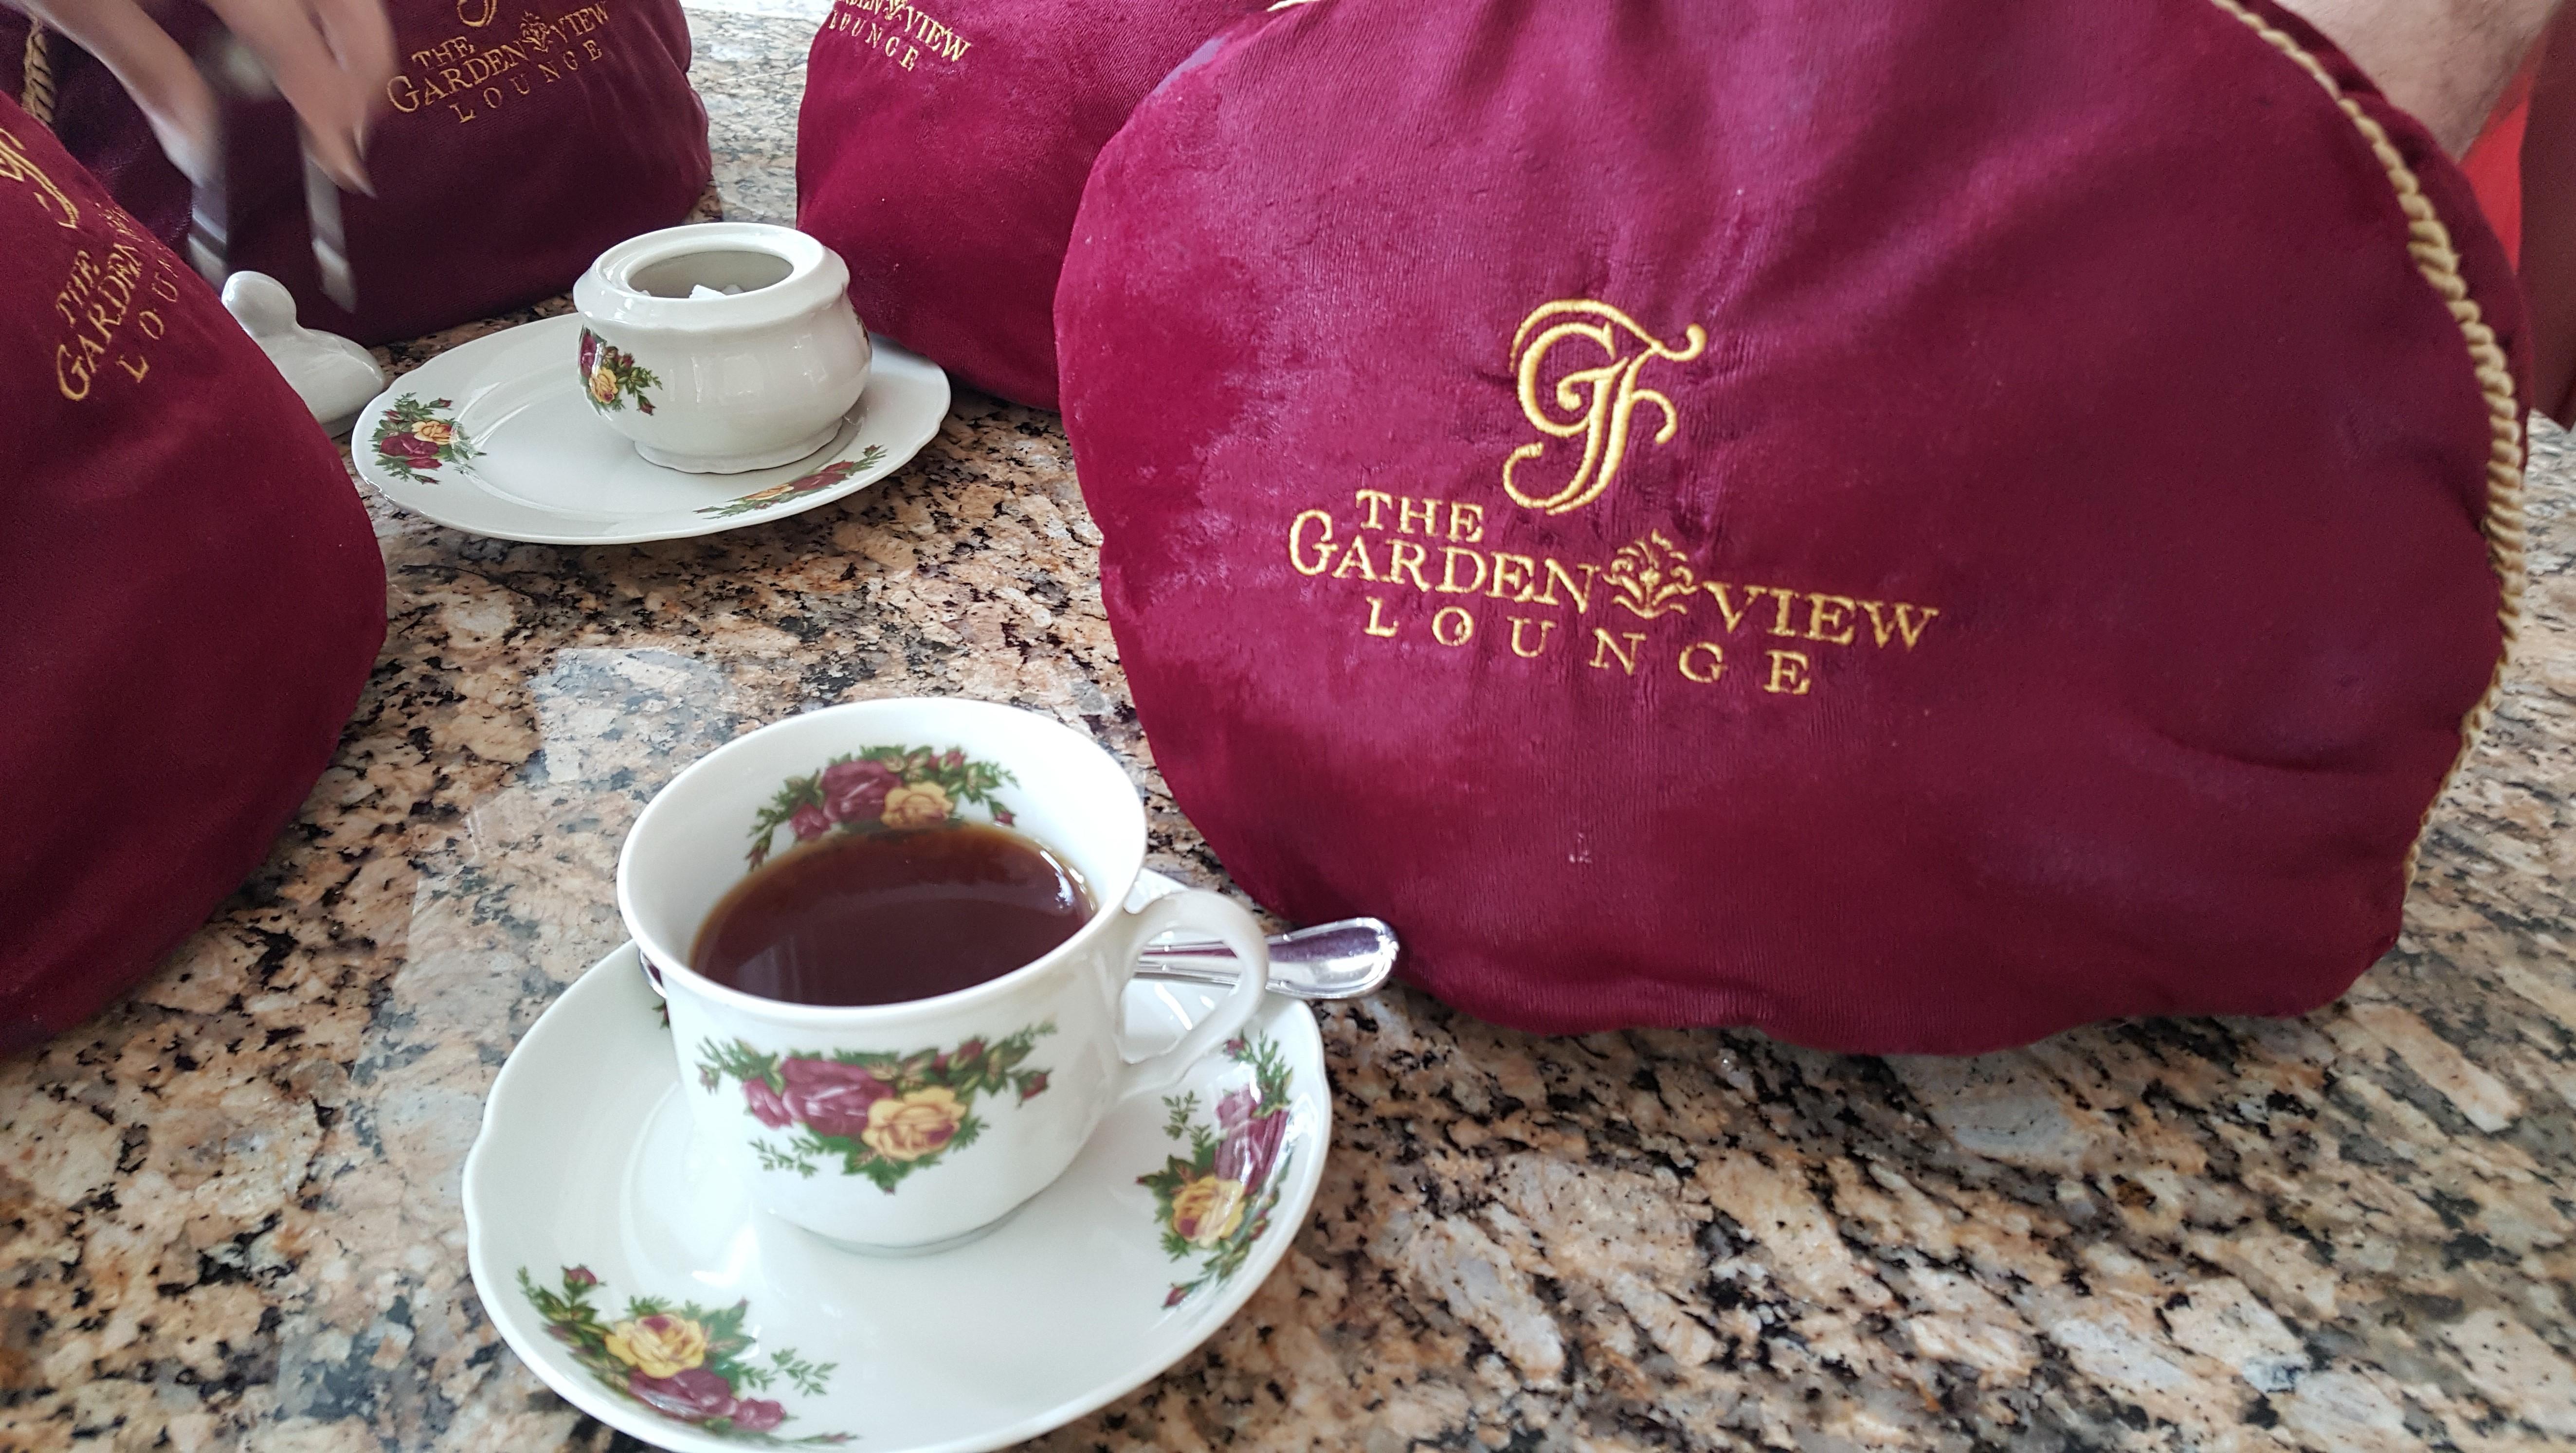 Garden View Tea Room tea pot and cover